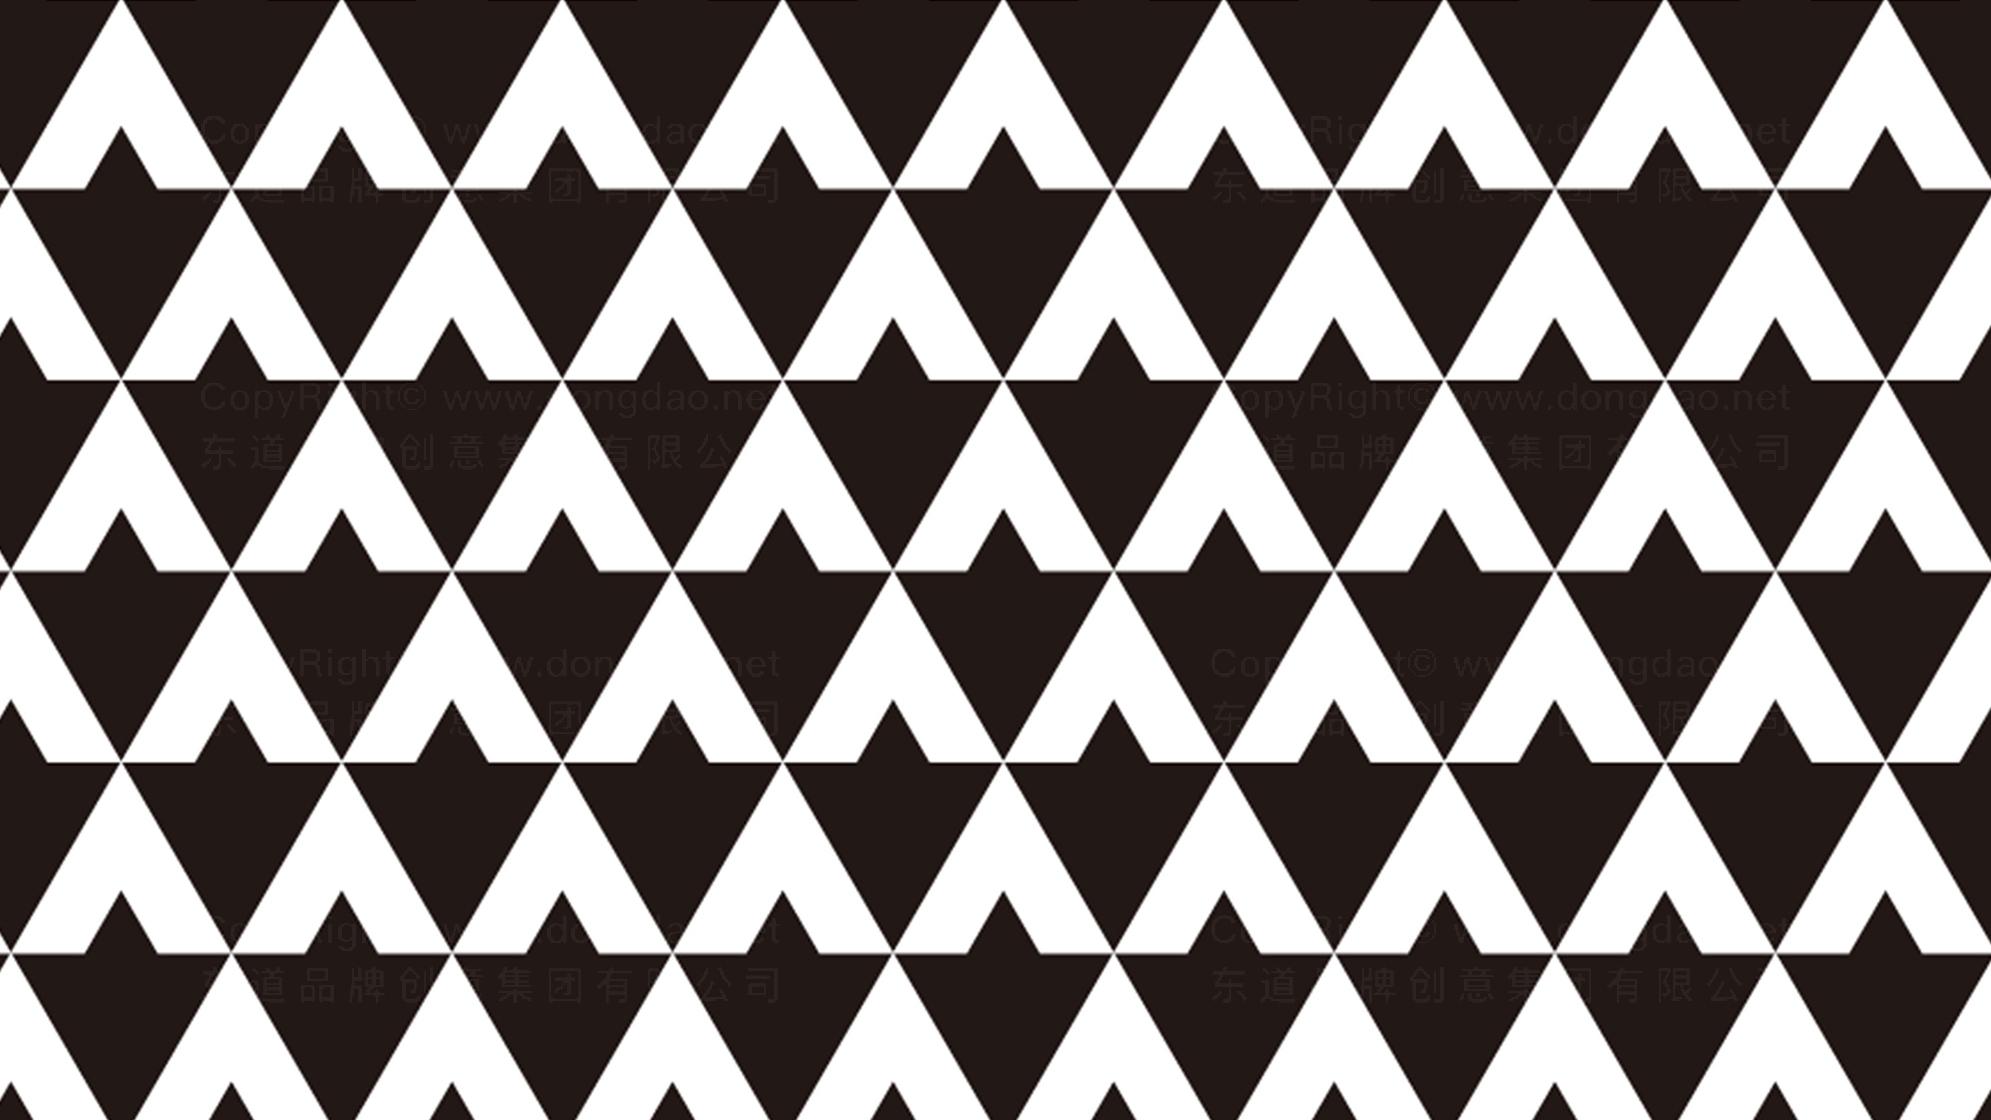 品牌设计安正时尚集团LOGO&VI设计应用